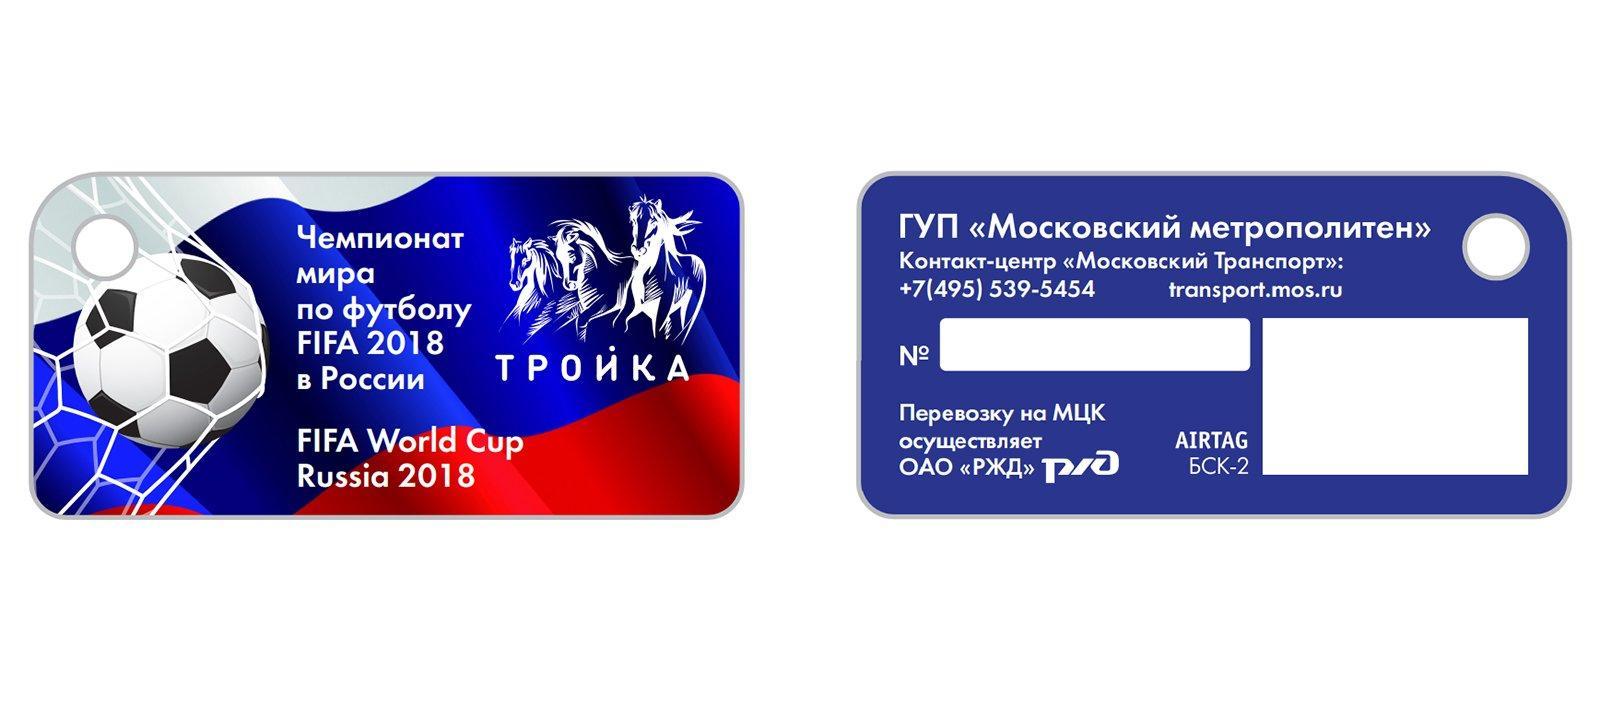 Карты и брелоки «Тройка» с футбольным дизайном появятся в метро к ЧМ-2018